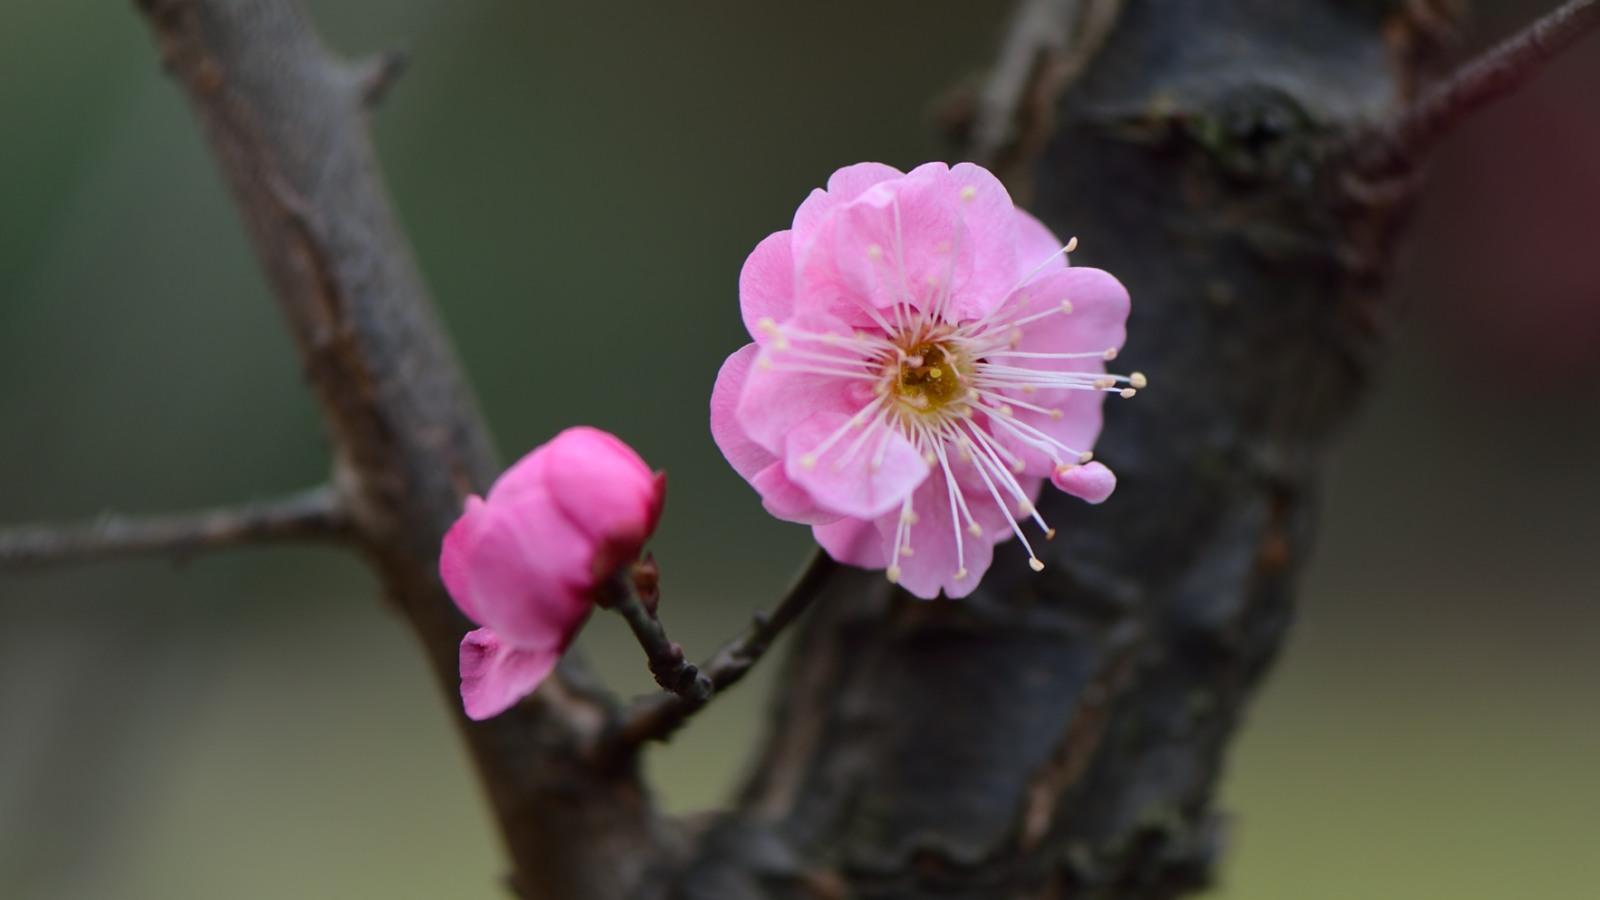 宝塔山的梅花开了,苞多花少